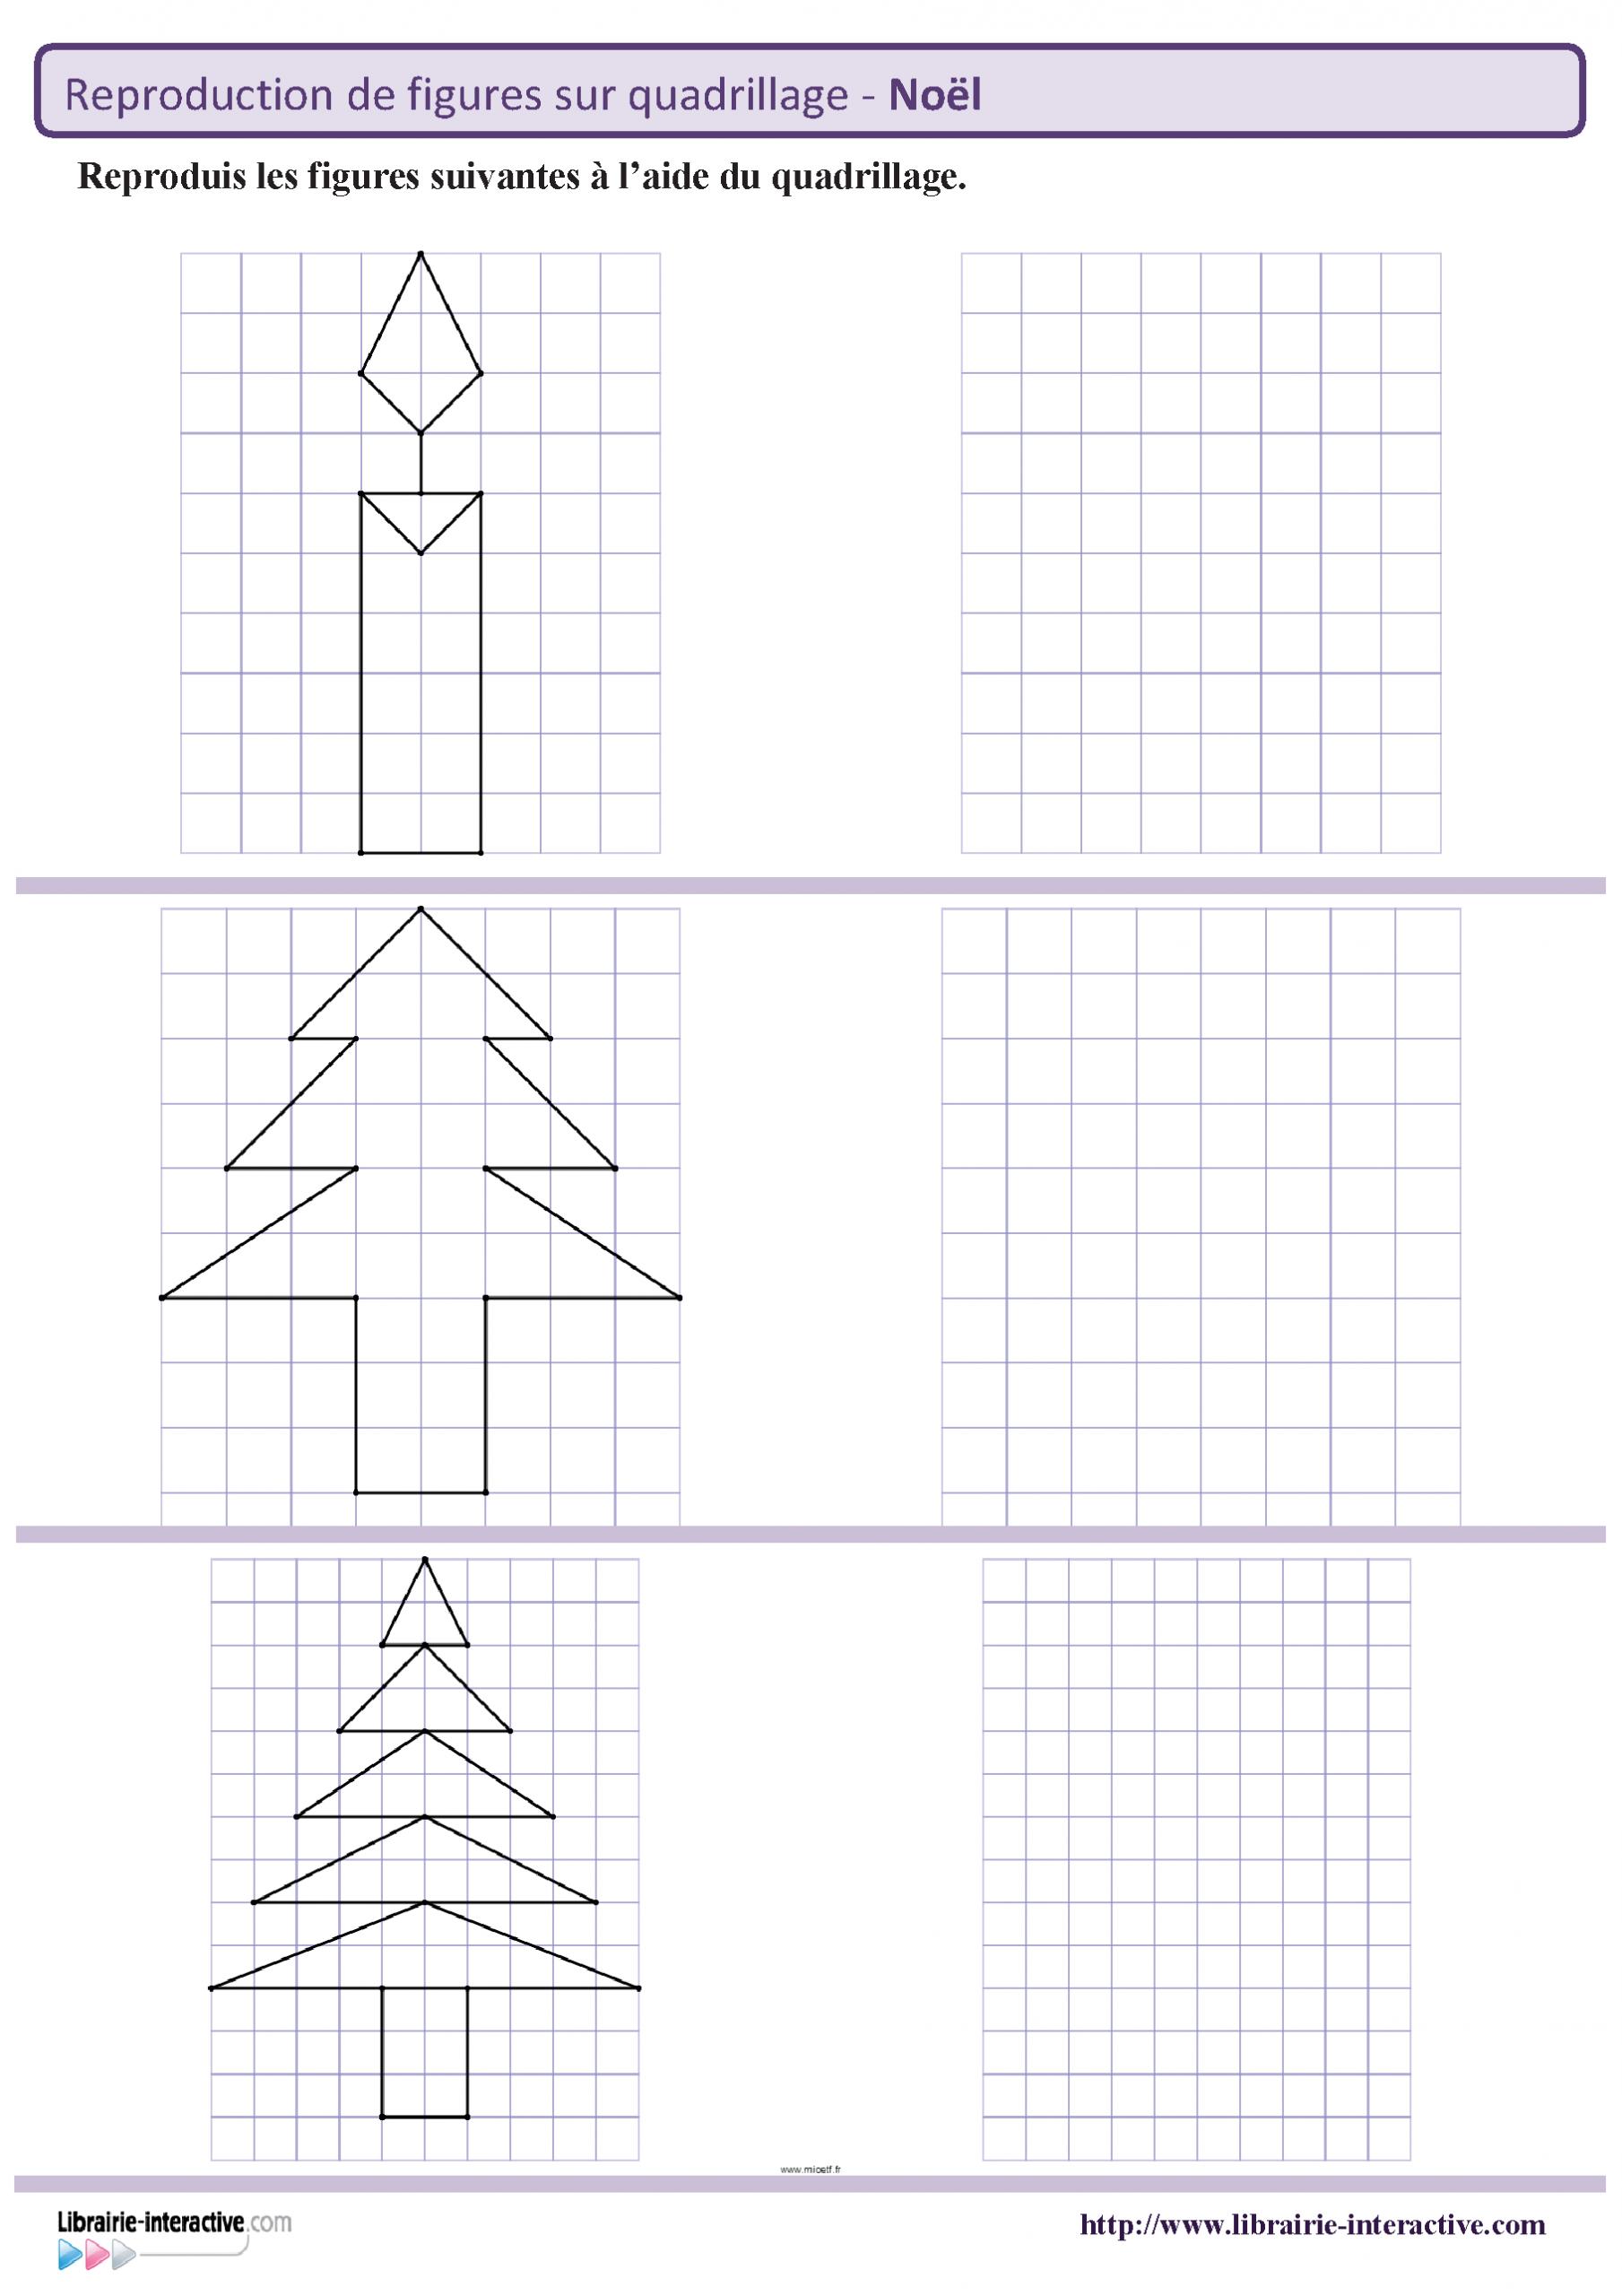 Des Figures Géométriques Sur Le Thème De Noël À Reproduire tout Reproduction De Figures Ce2 Quadrillage